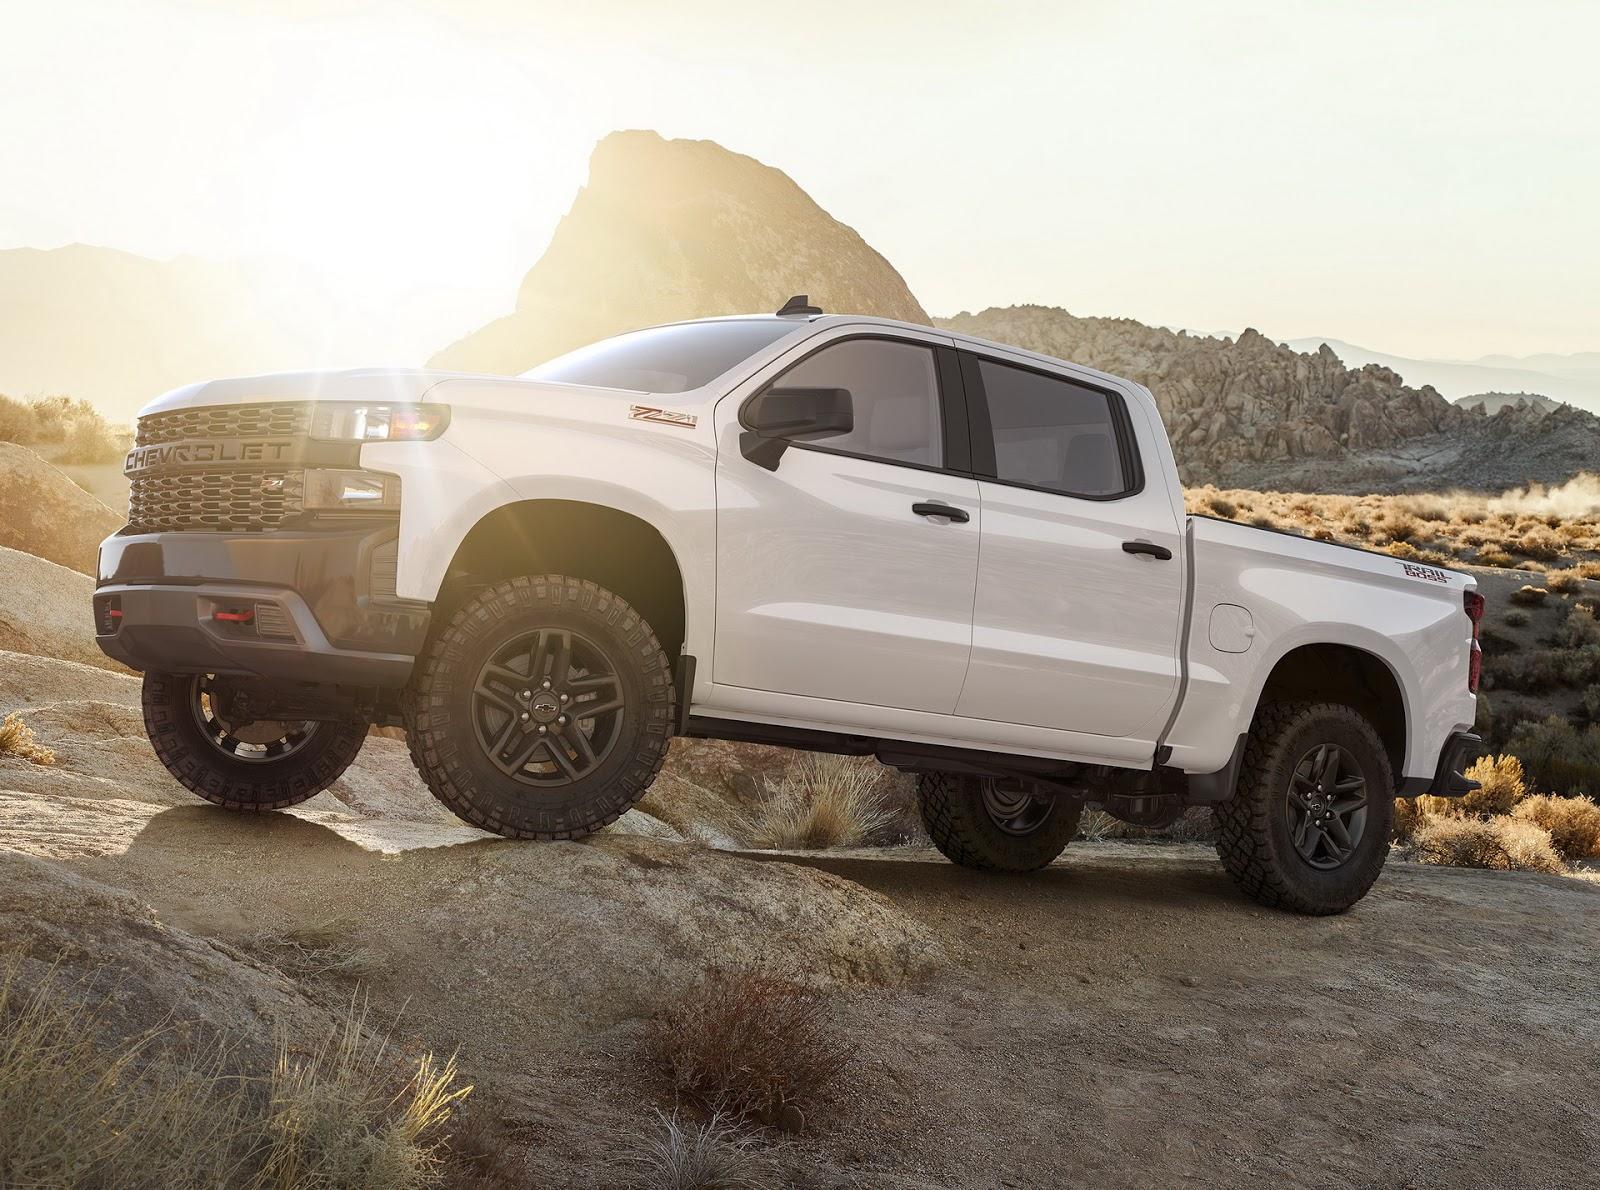 2019-Chevrolet-Silverado-006